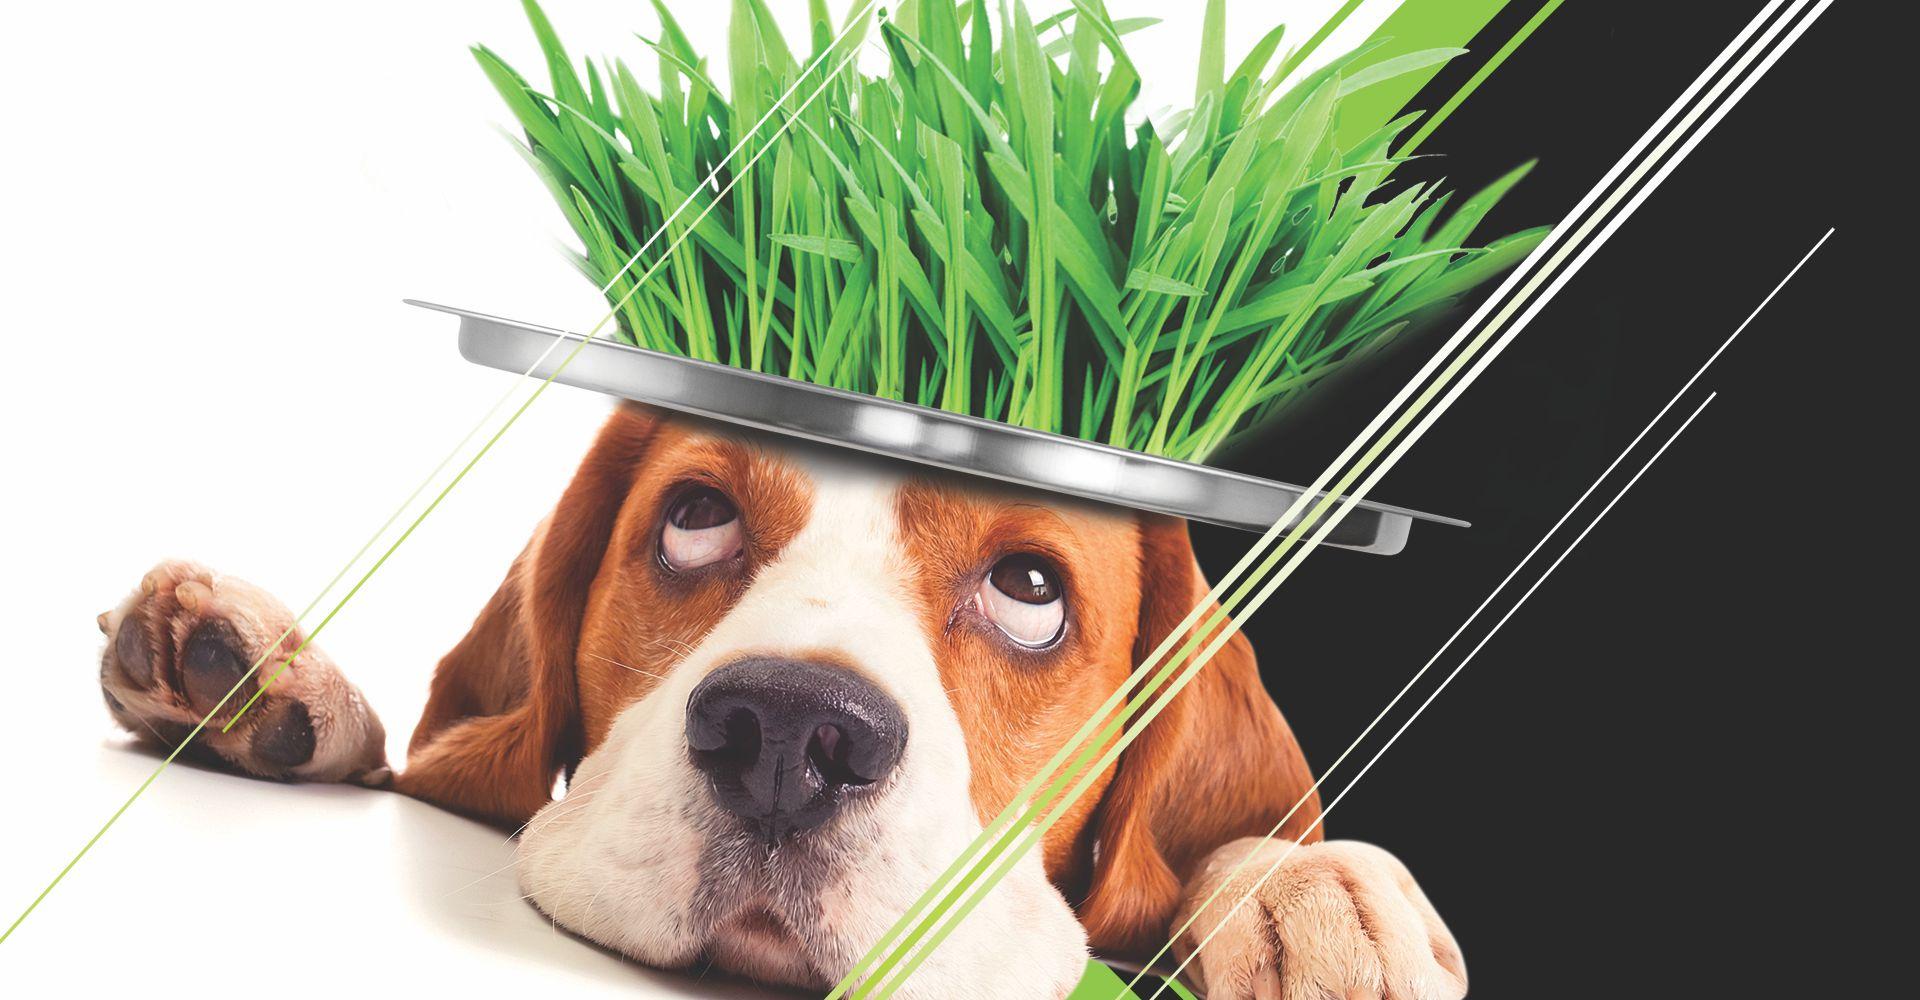 Animali domestici e erba sintetica: è una buona idea?